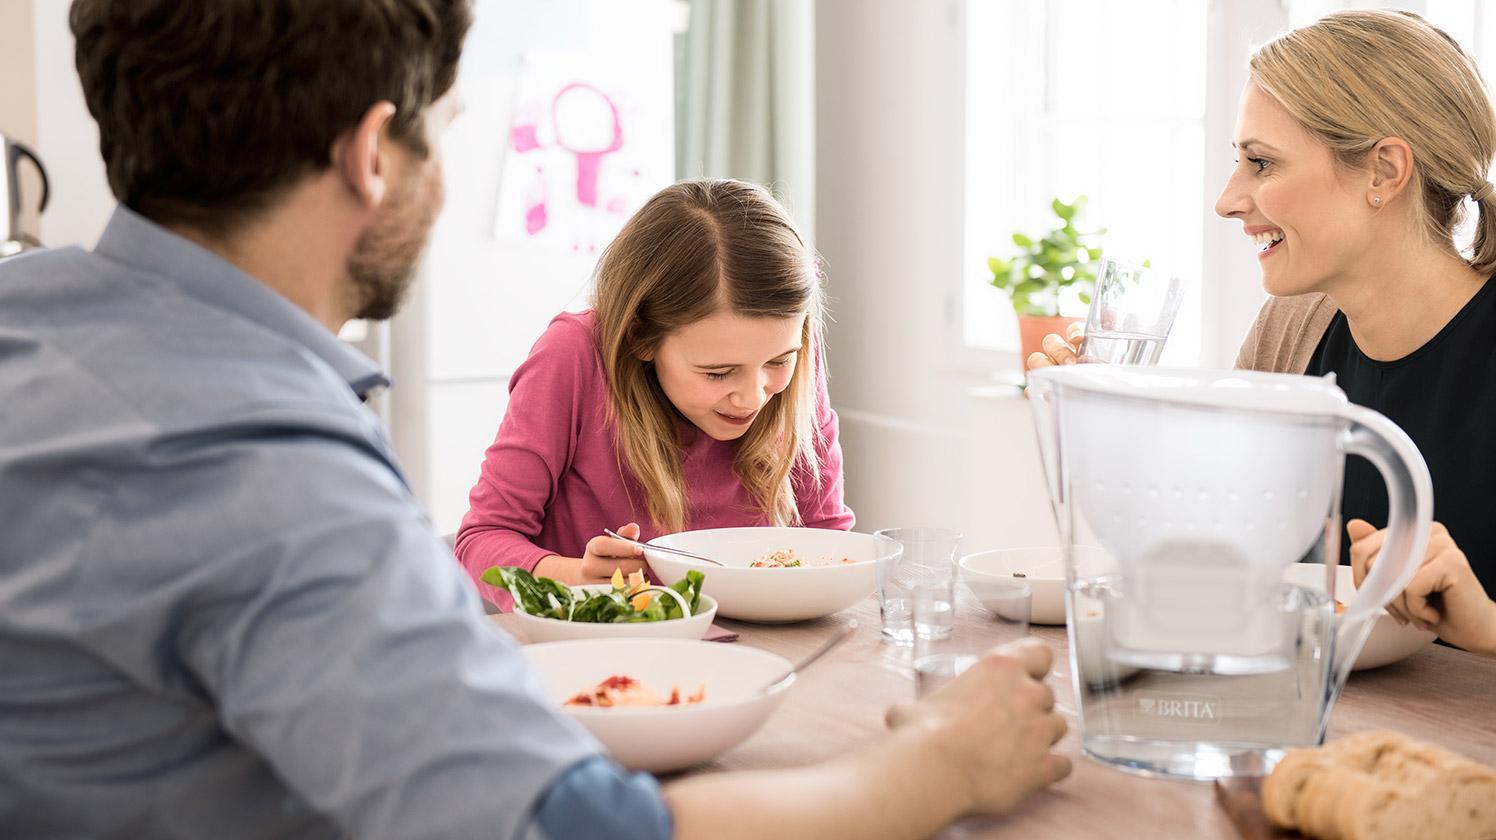 BRITA Wasserfilter für Zuhause